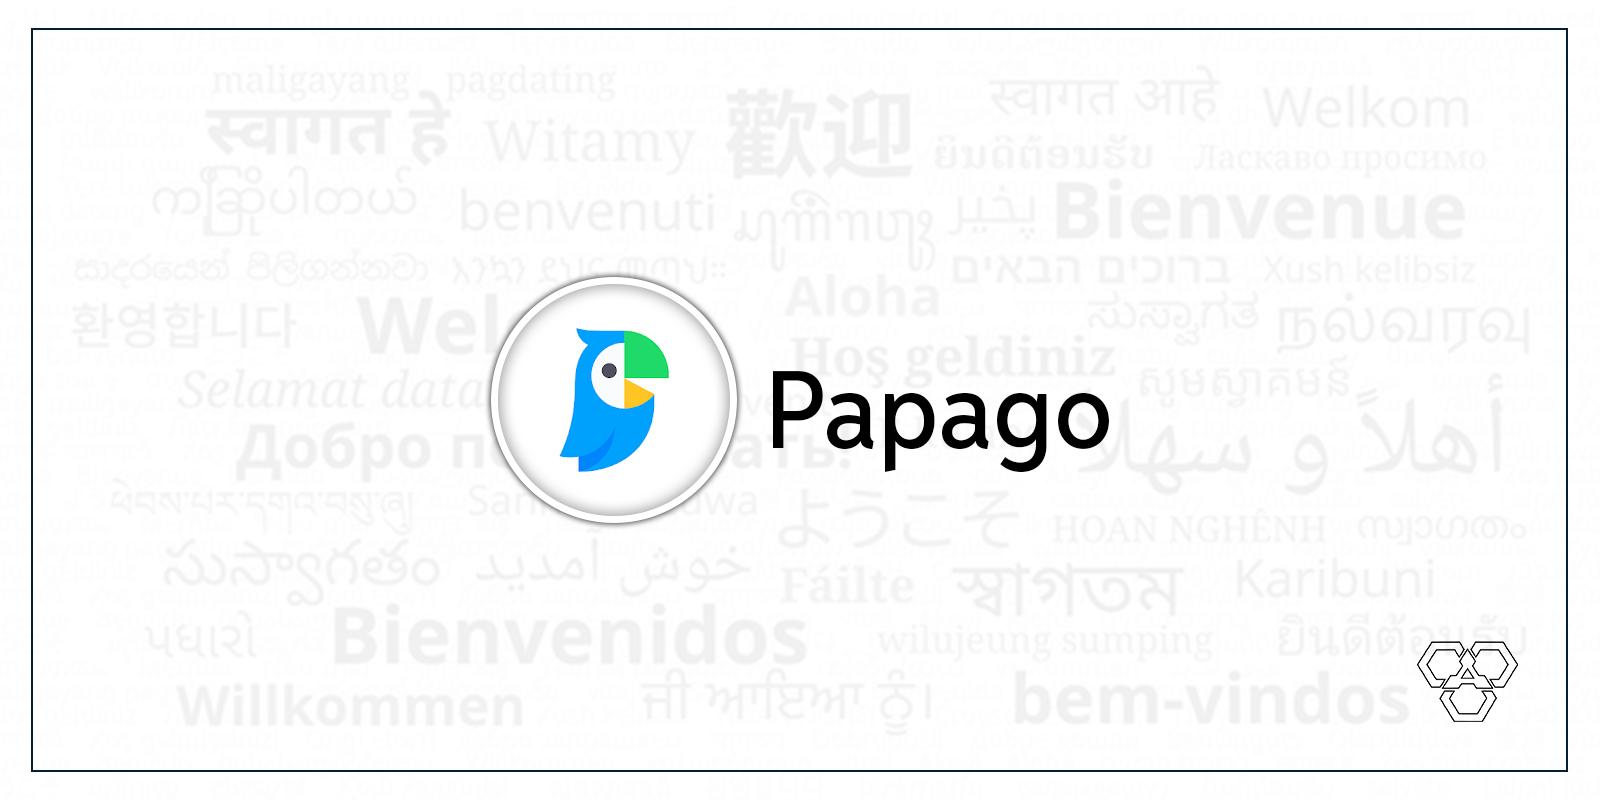 Papago app